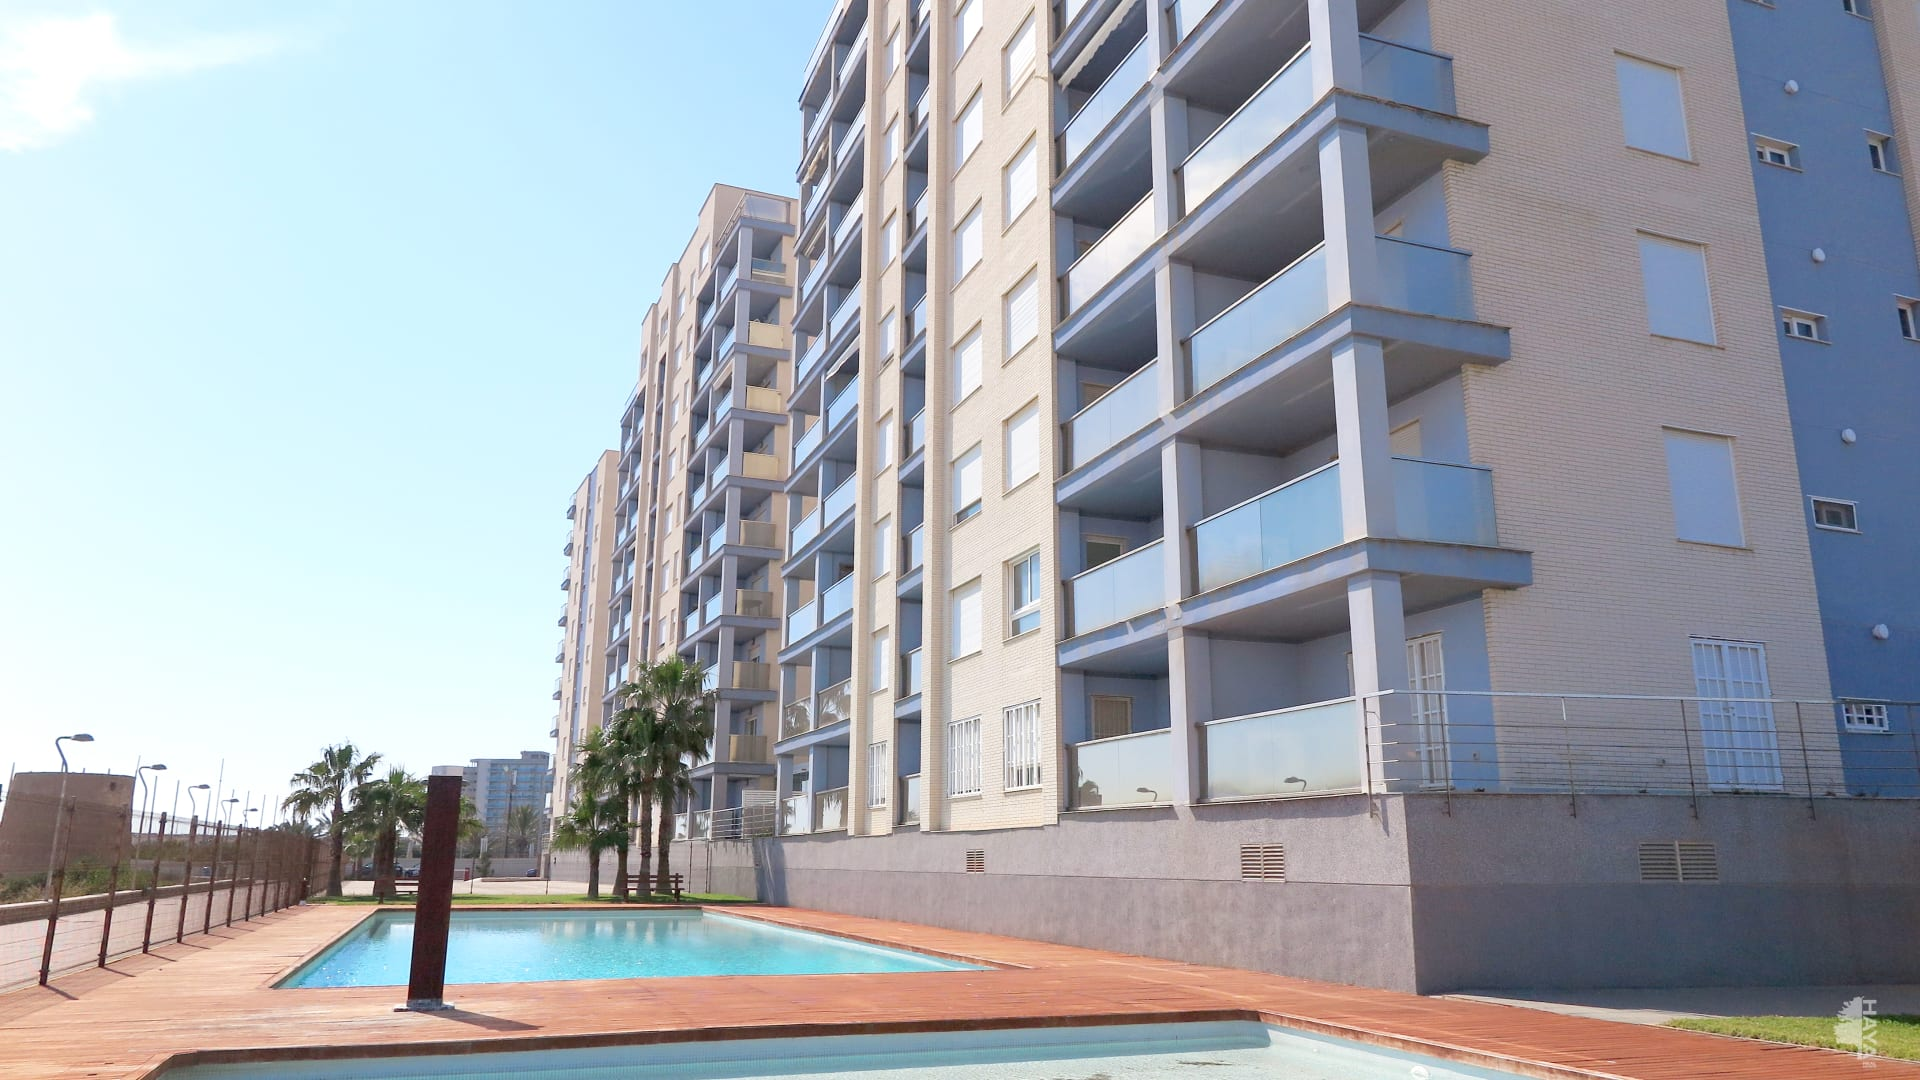 Piso en venta en Piso en San Javier, Murcia, 89.000 €, 2 habitaciones, 2 baños, 63 m2, Garaje